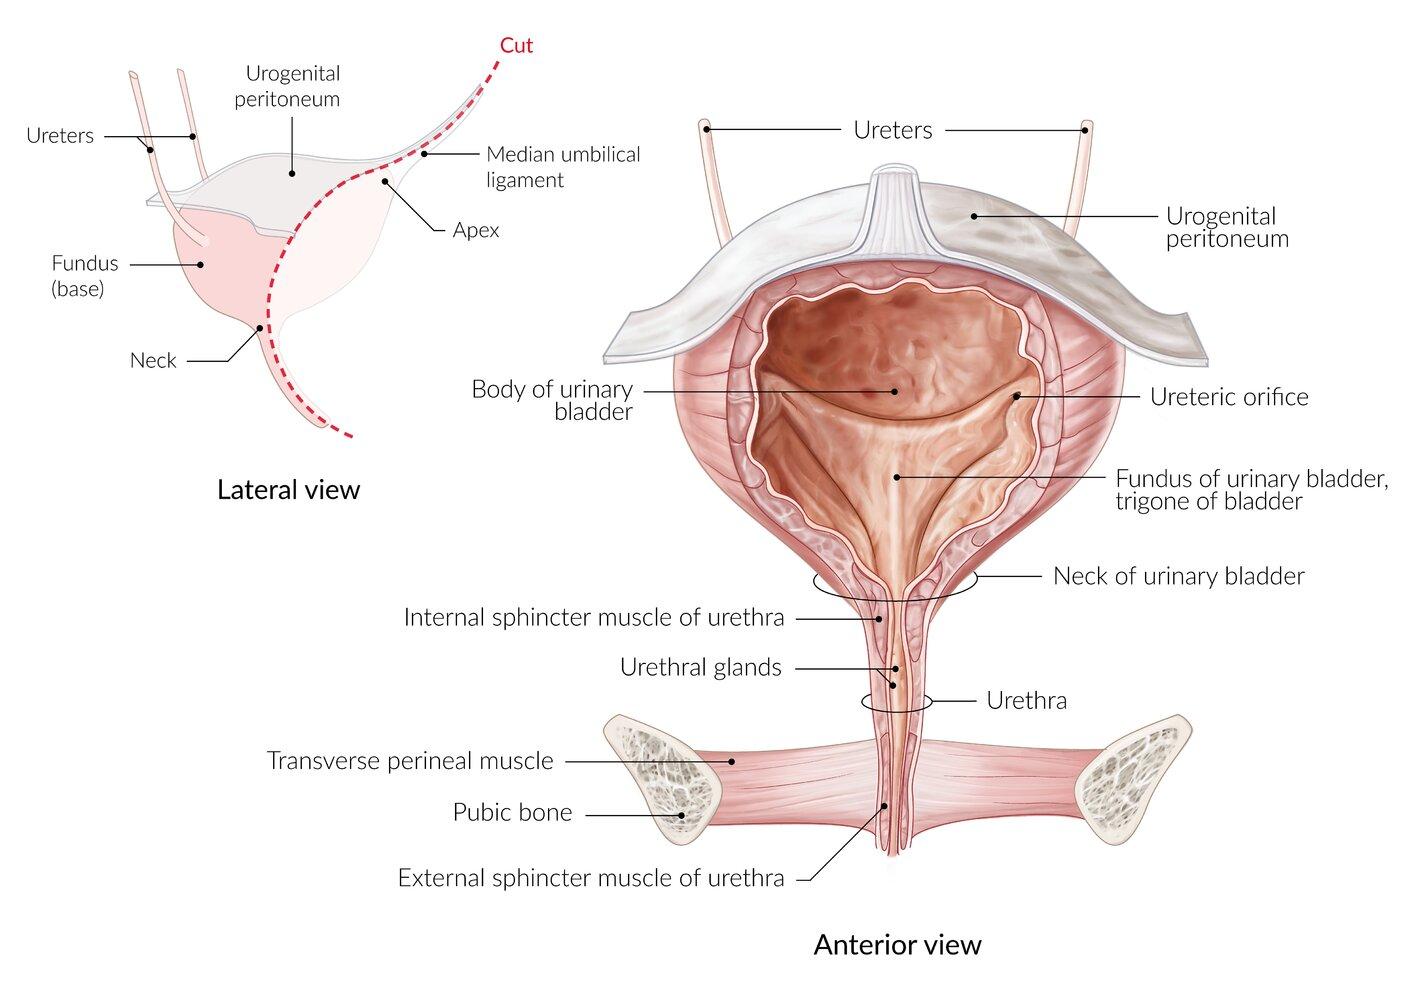 Prostatitisz tünetei férfiakban segíthetnek a masszázsban